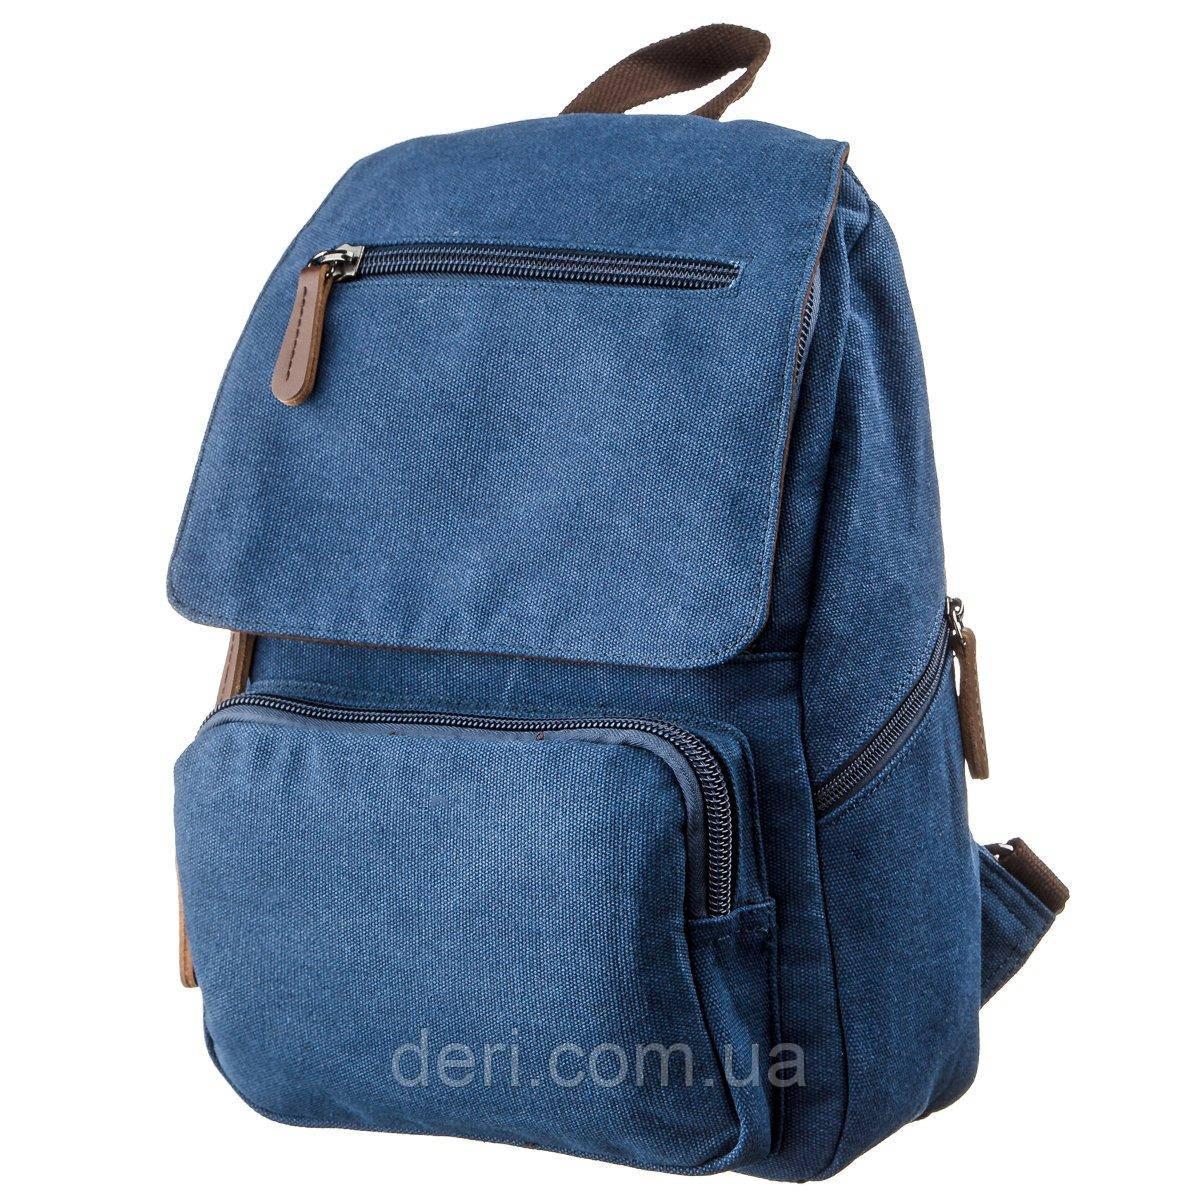 Компактний жіночий текстильний рюкзак Vintage 20197 Синій